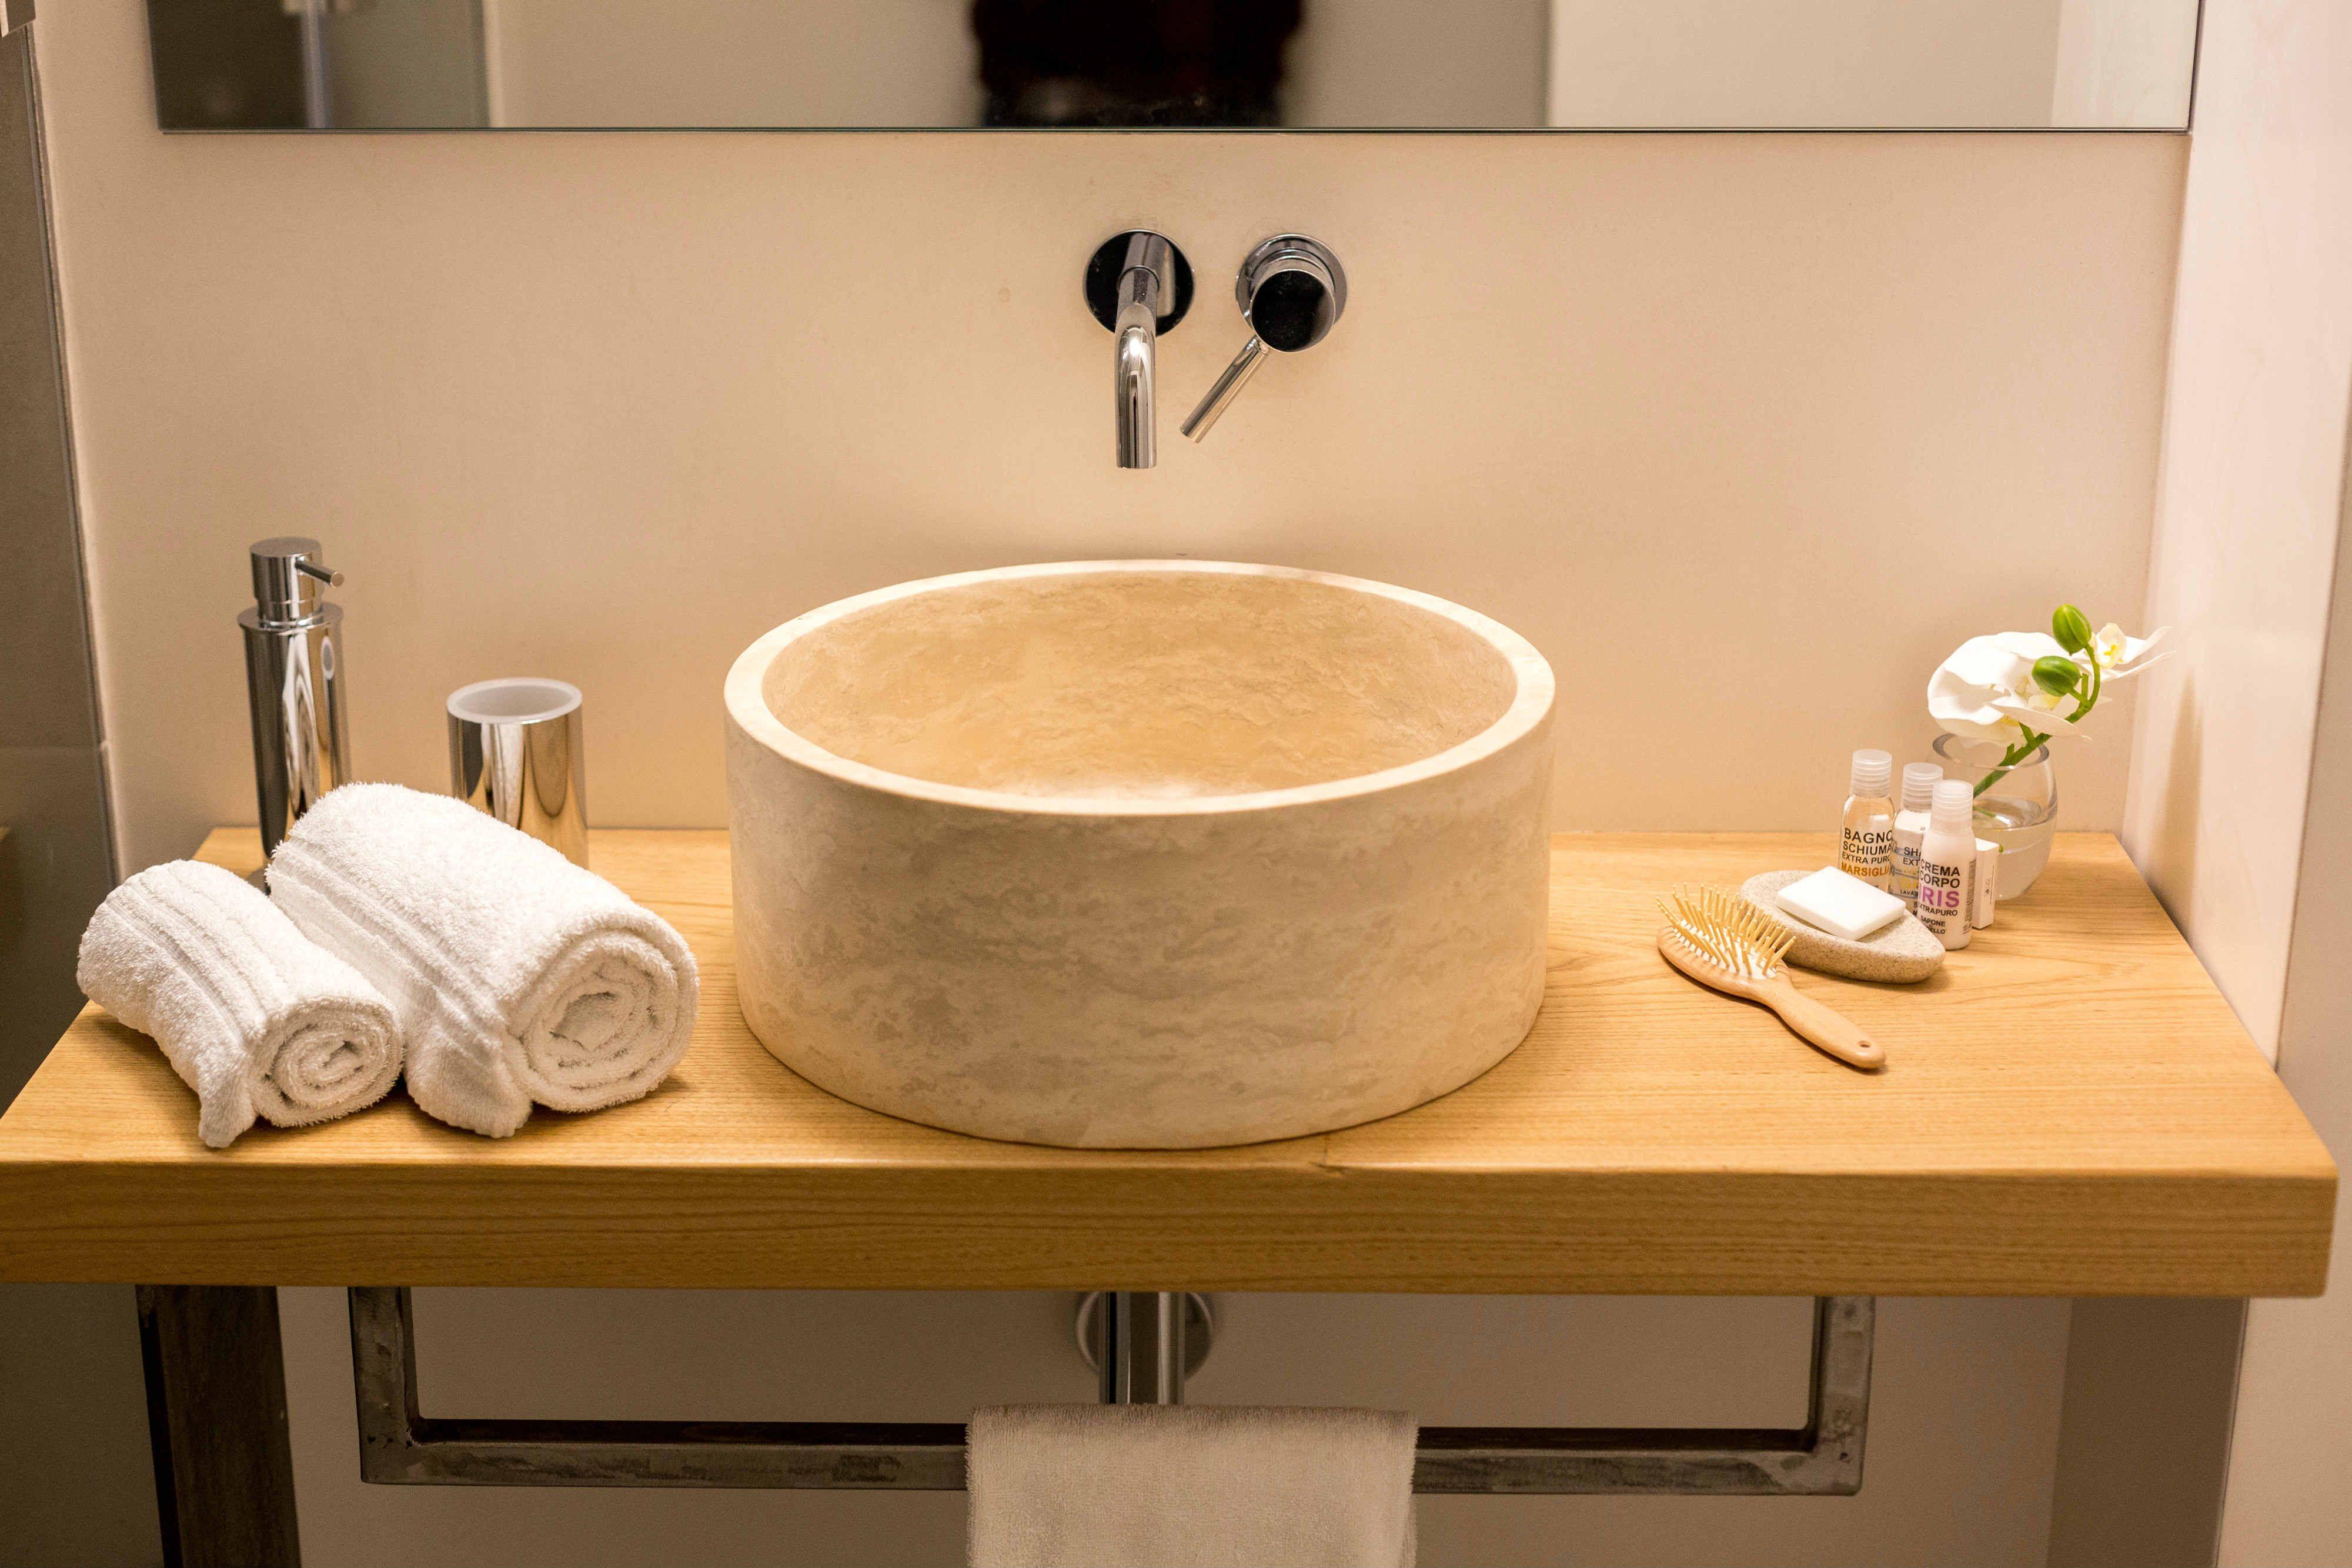 bagno moderno b&b firenze lavabo in pietra tondo da appoggio #pietredirapolano